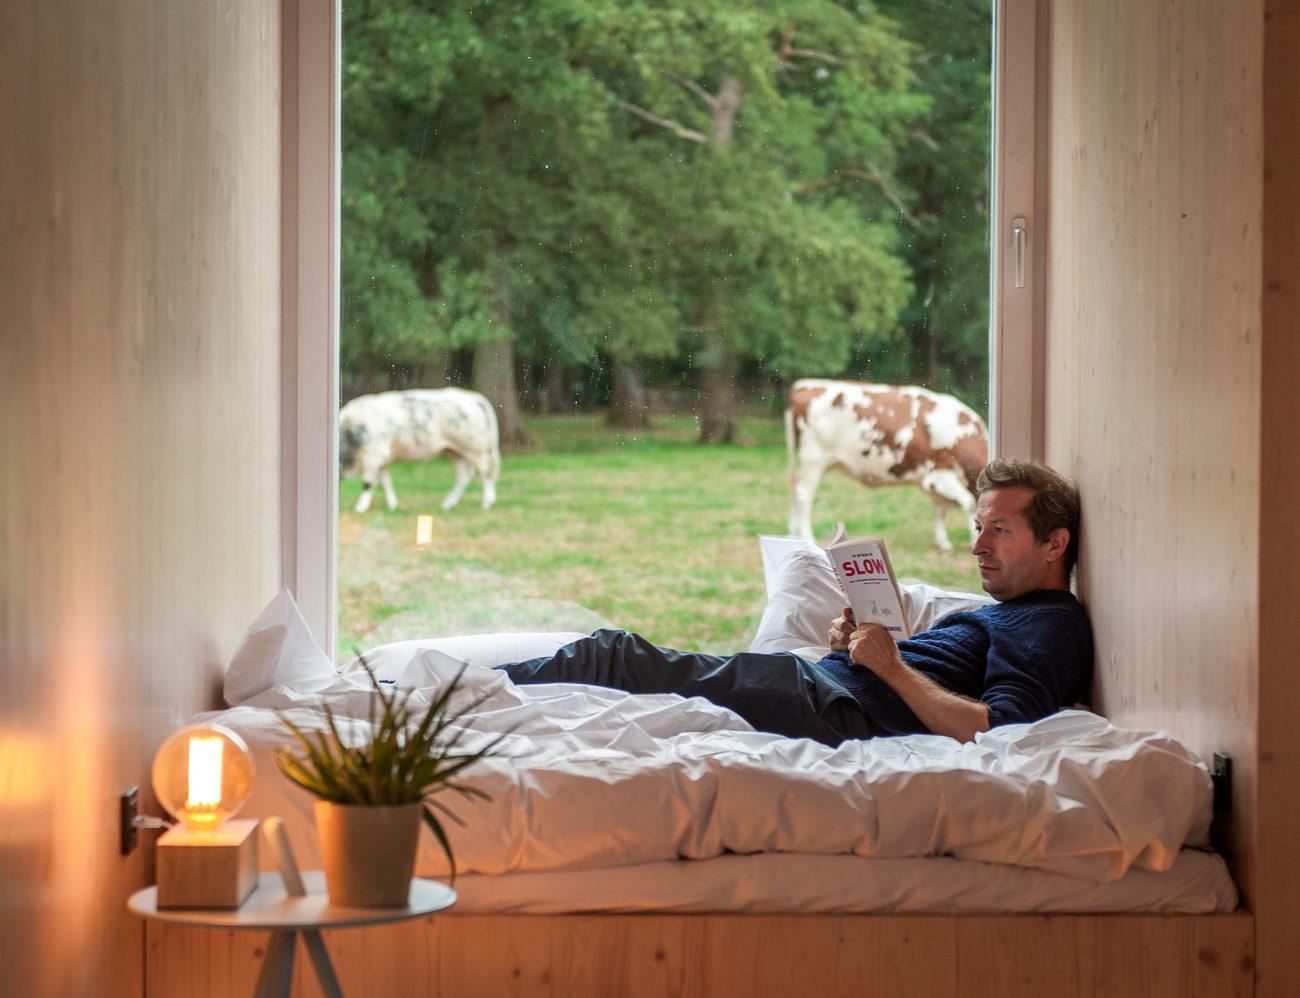 Tweepersoonsbed voor raam met zicht op koeien. Man op bed leest boek